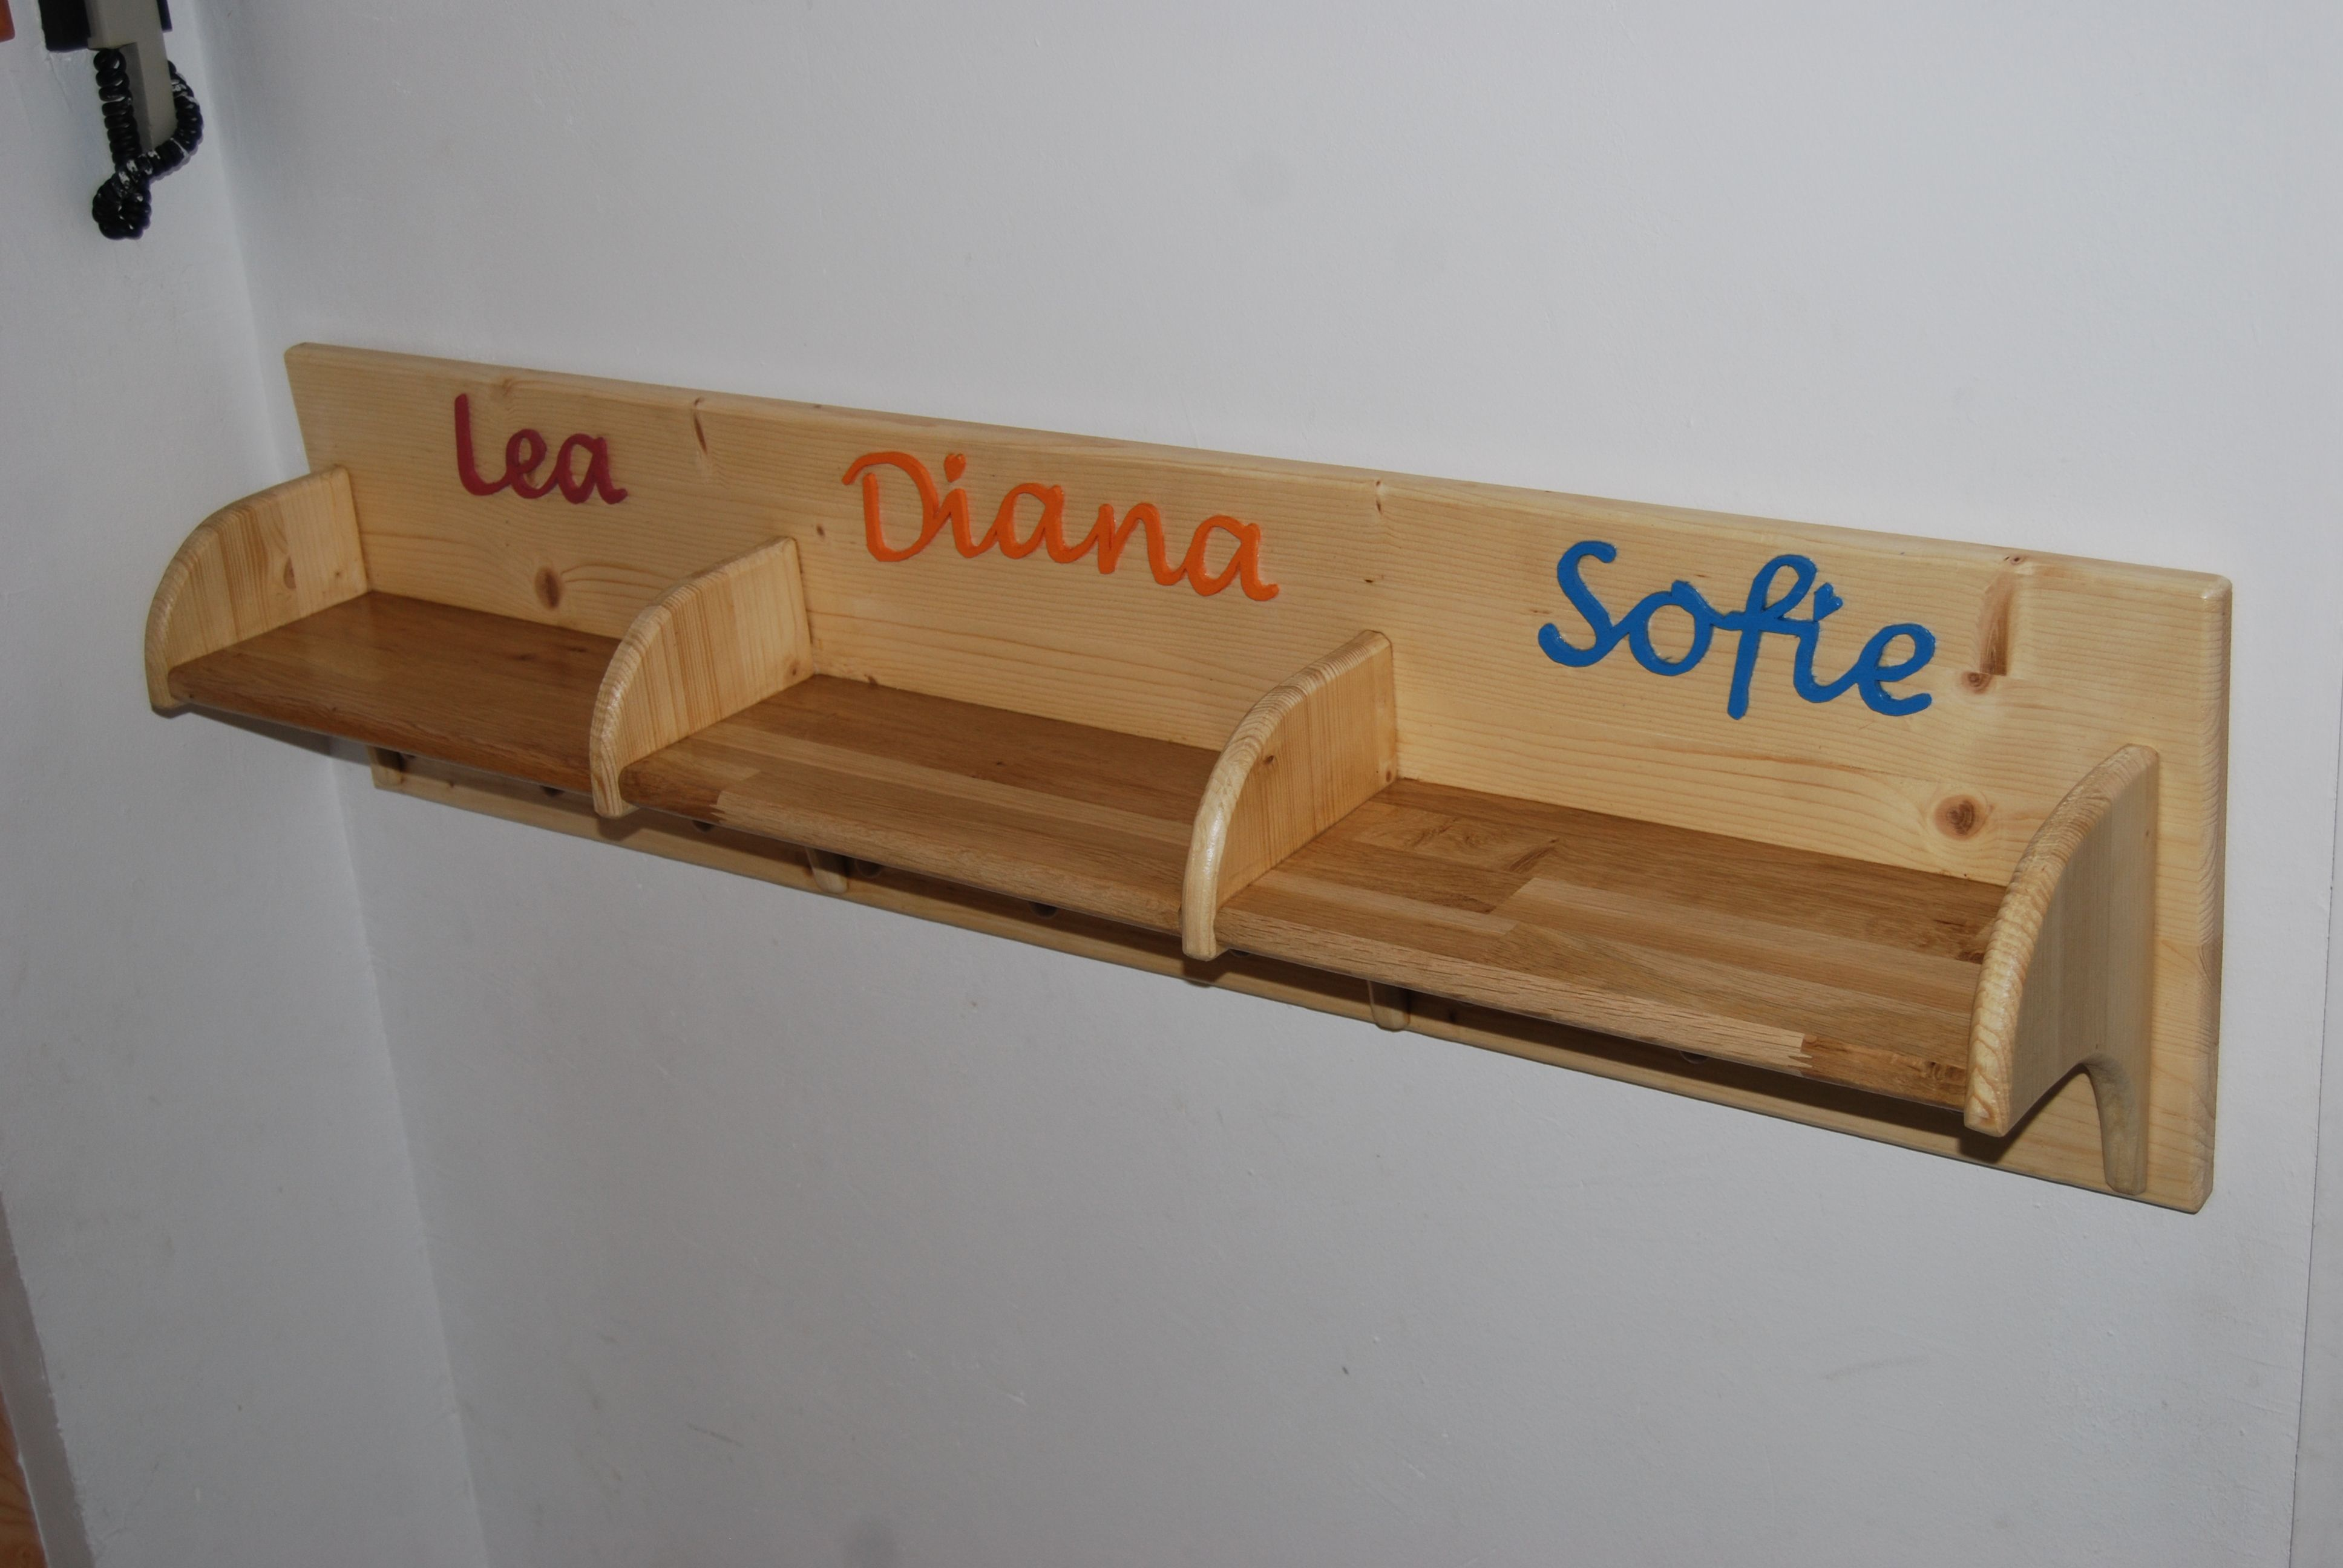 kindergarderobe mit ablage anleitung zum selber bauen. Black Bedroom Furniture Sets. Home Design Ideas